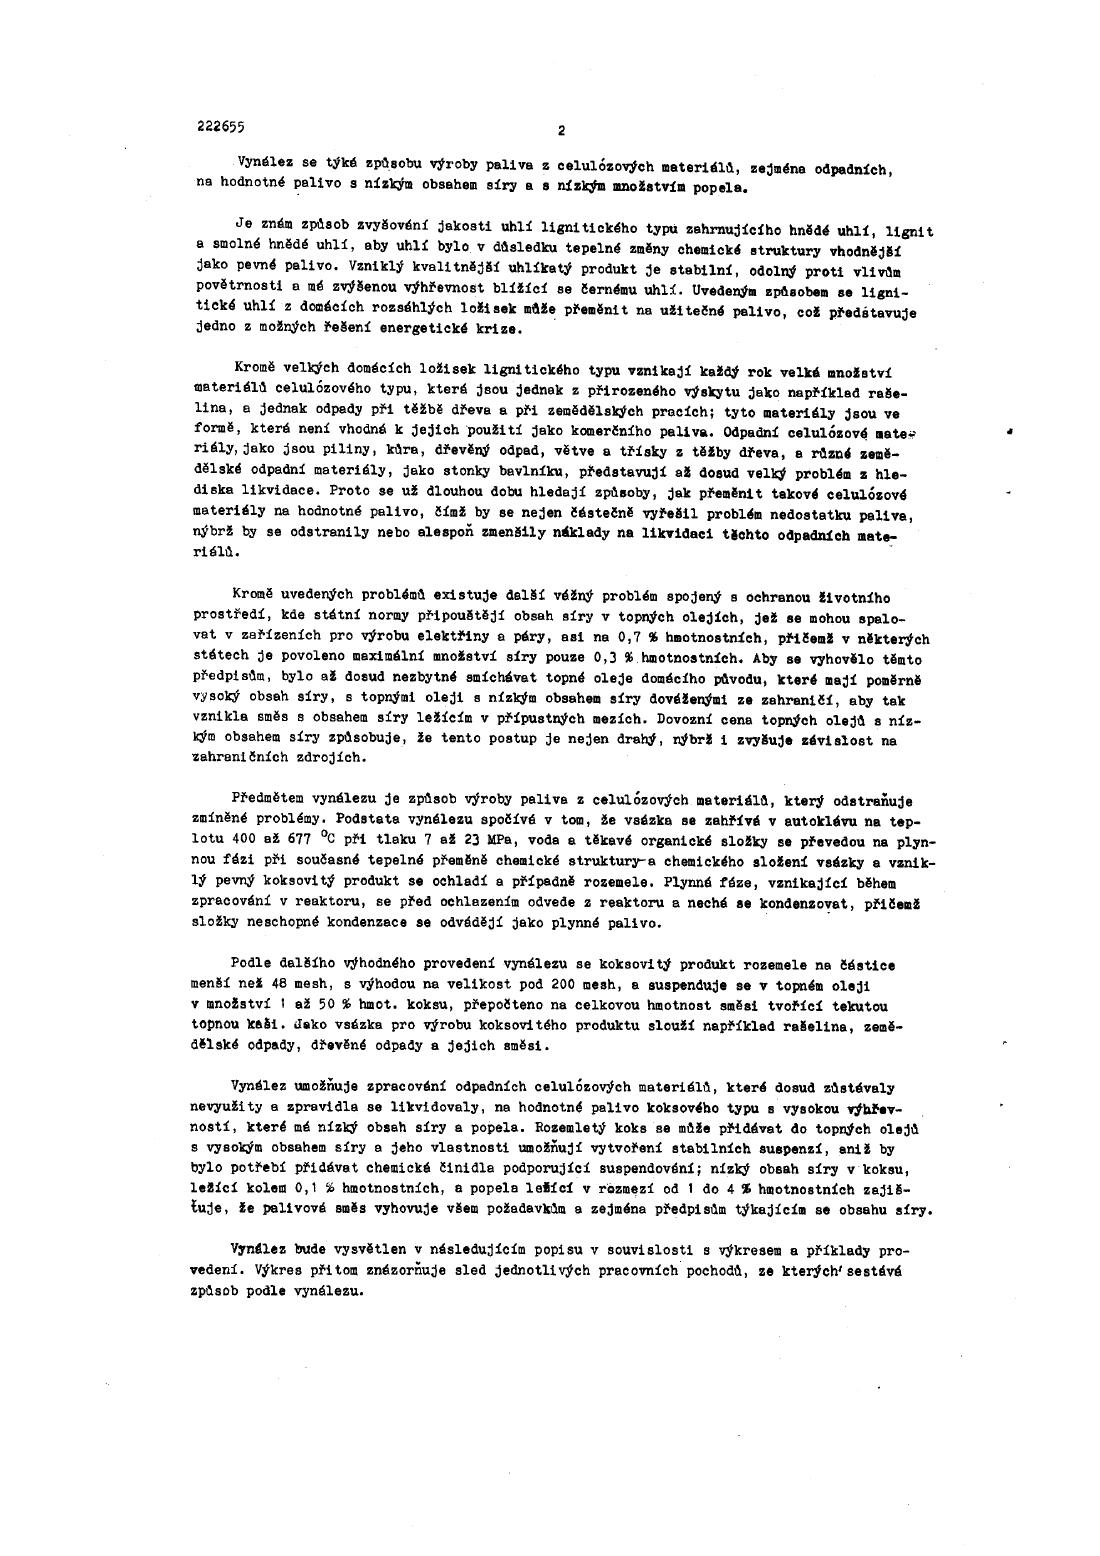 Zpusob Vyroby Paliva Z Celulozovych Materialu 15 09 1985 222655